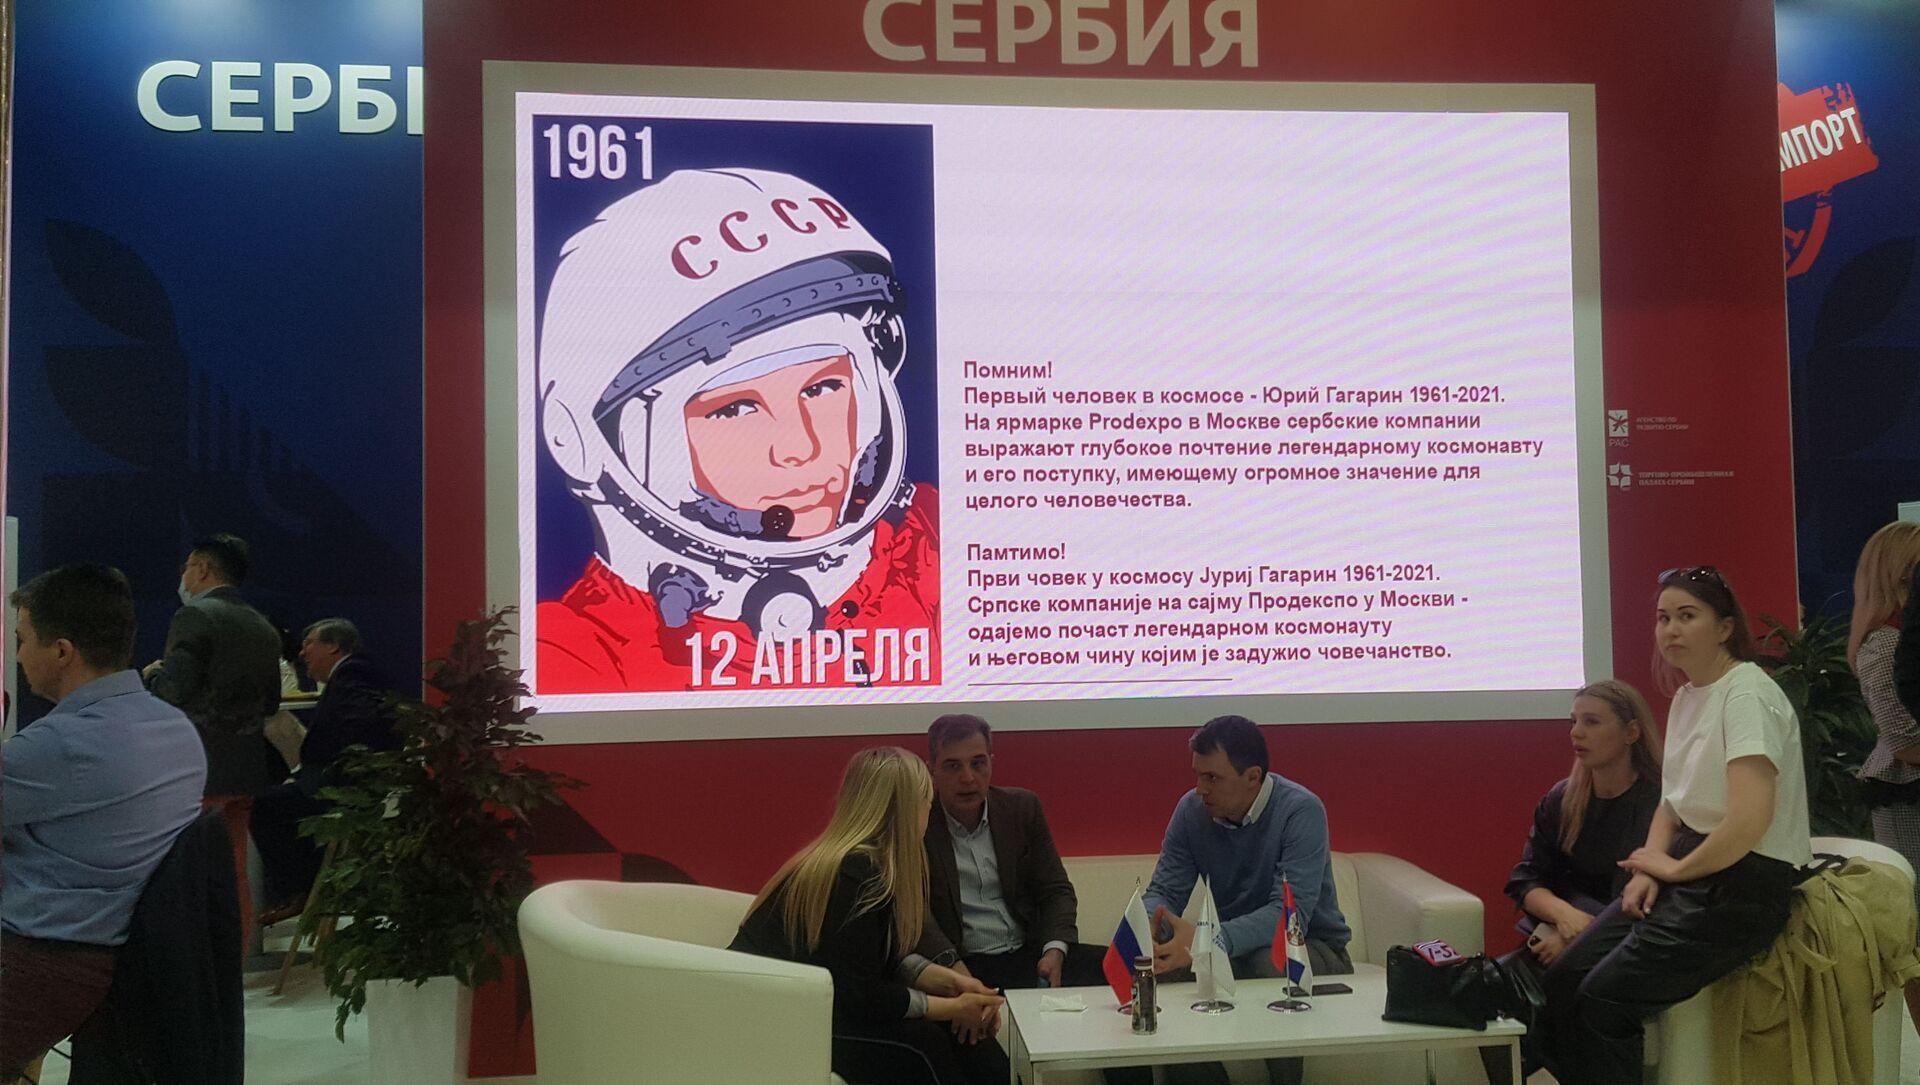 Počast velikom sovjetskom heroju, astronautu Juriju Gagarinu - Sputnik Srbija, 1920, 14.04.2021